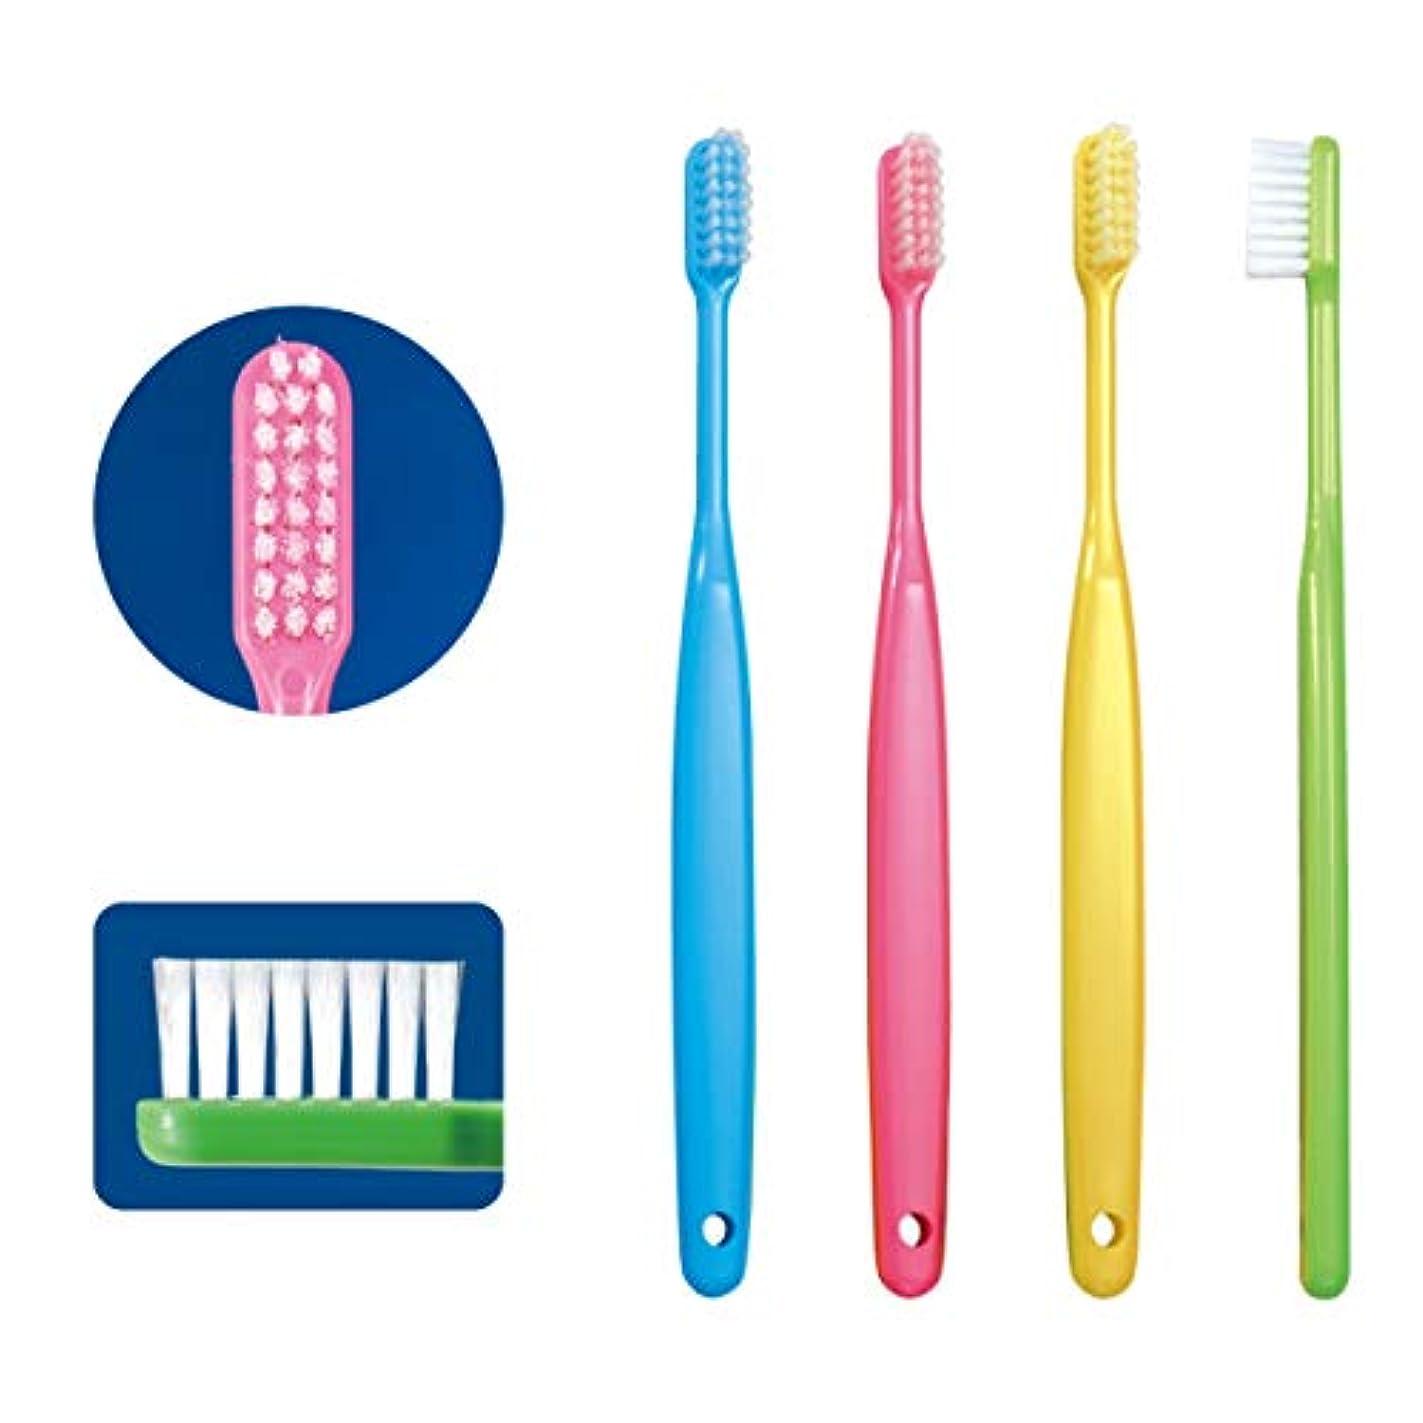 一時的挨拶する疑問に思うCi バリュー 歯ブラシ 1本 M(ふつう) 歯科専売品